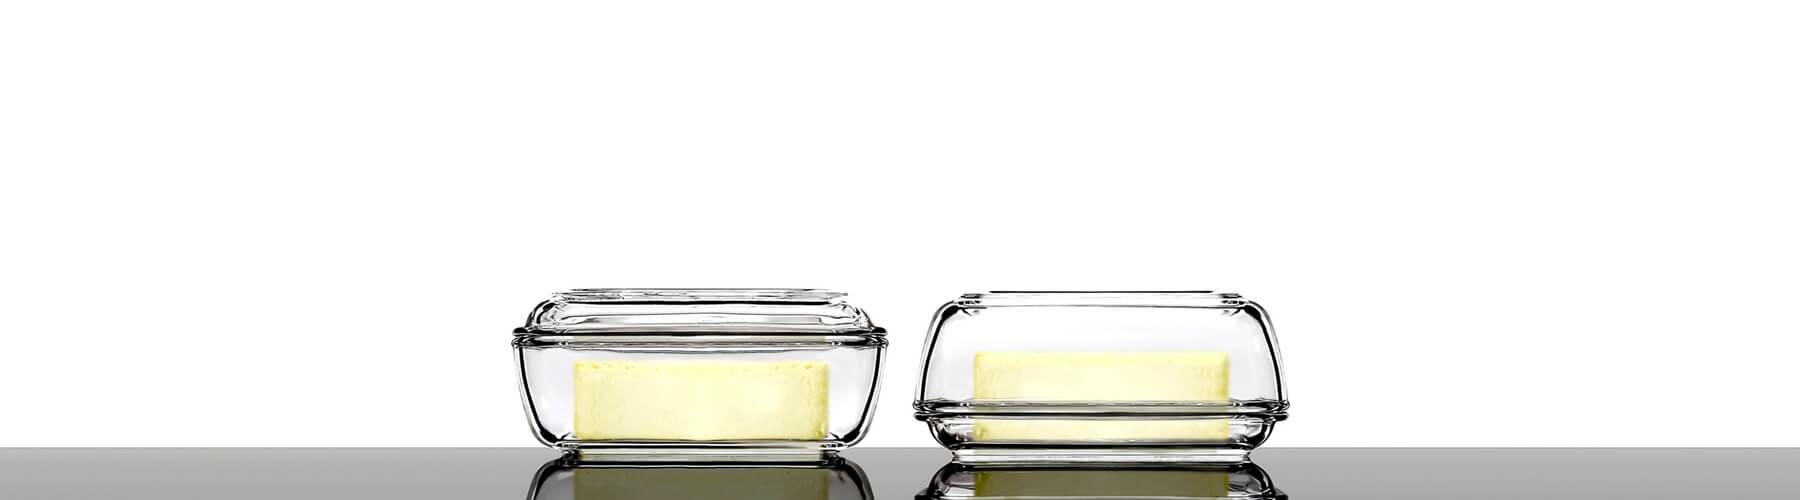 butterdose aus glas von luminarc glasklar berlin. Black Bedroom Furniture Sets. Home Design Ideas